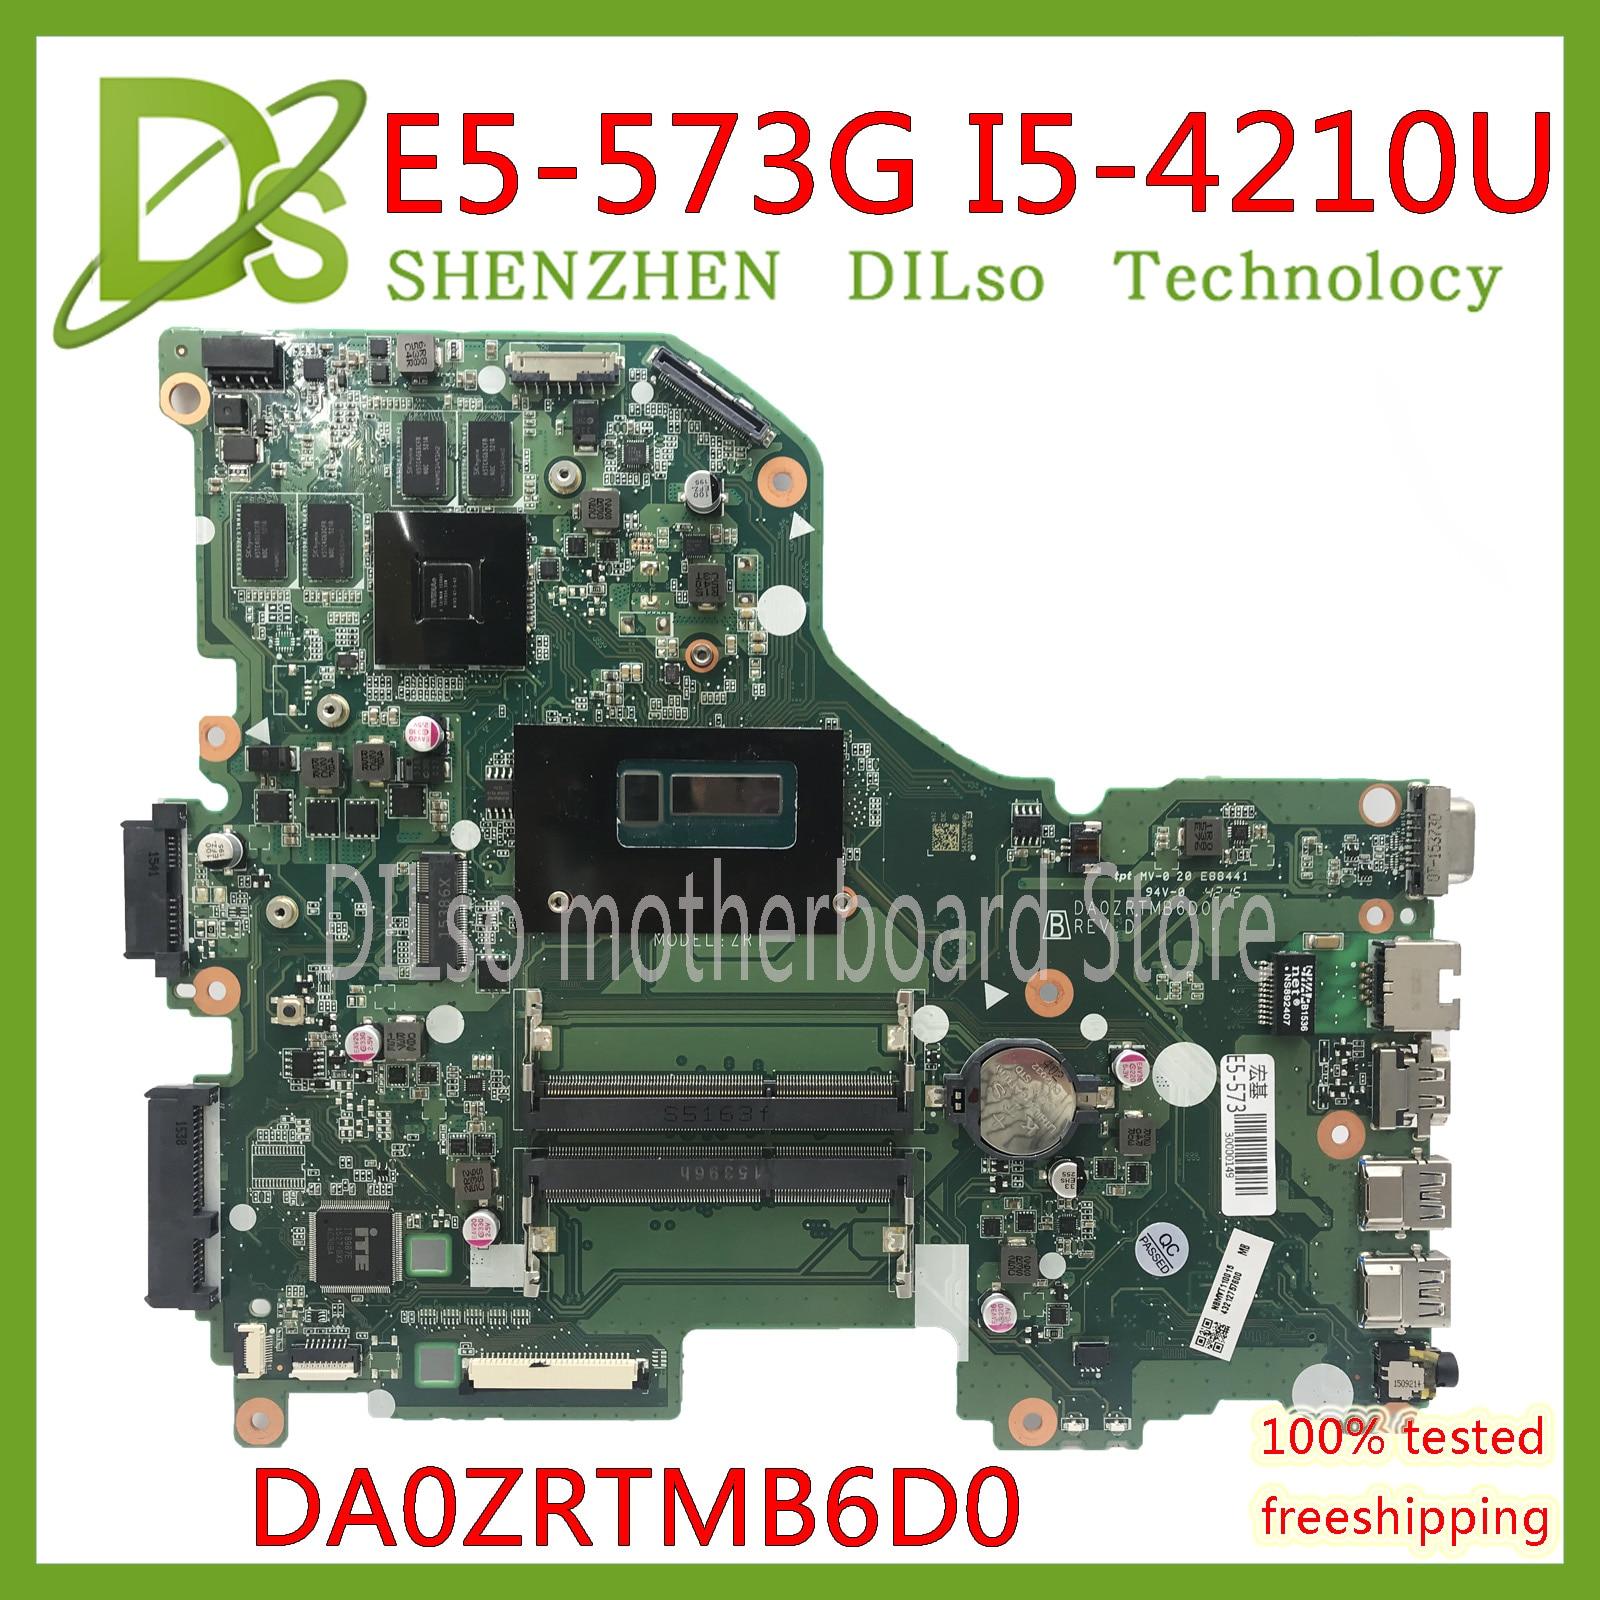 KEFU E5-573G Mainboard For Acer Aspire E5-573G E5-573 Motherboard I5-4210U GT940M -2GB DA0ZRTMB6D0 Test 100% Original